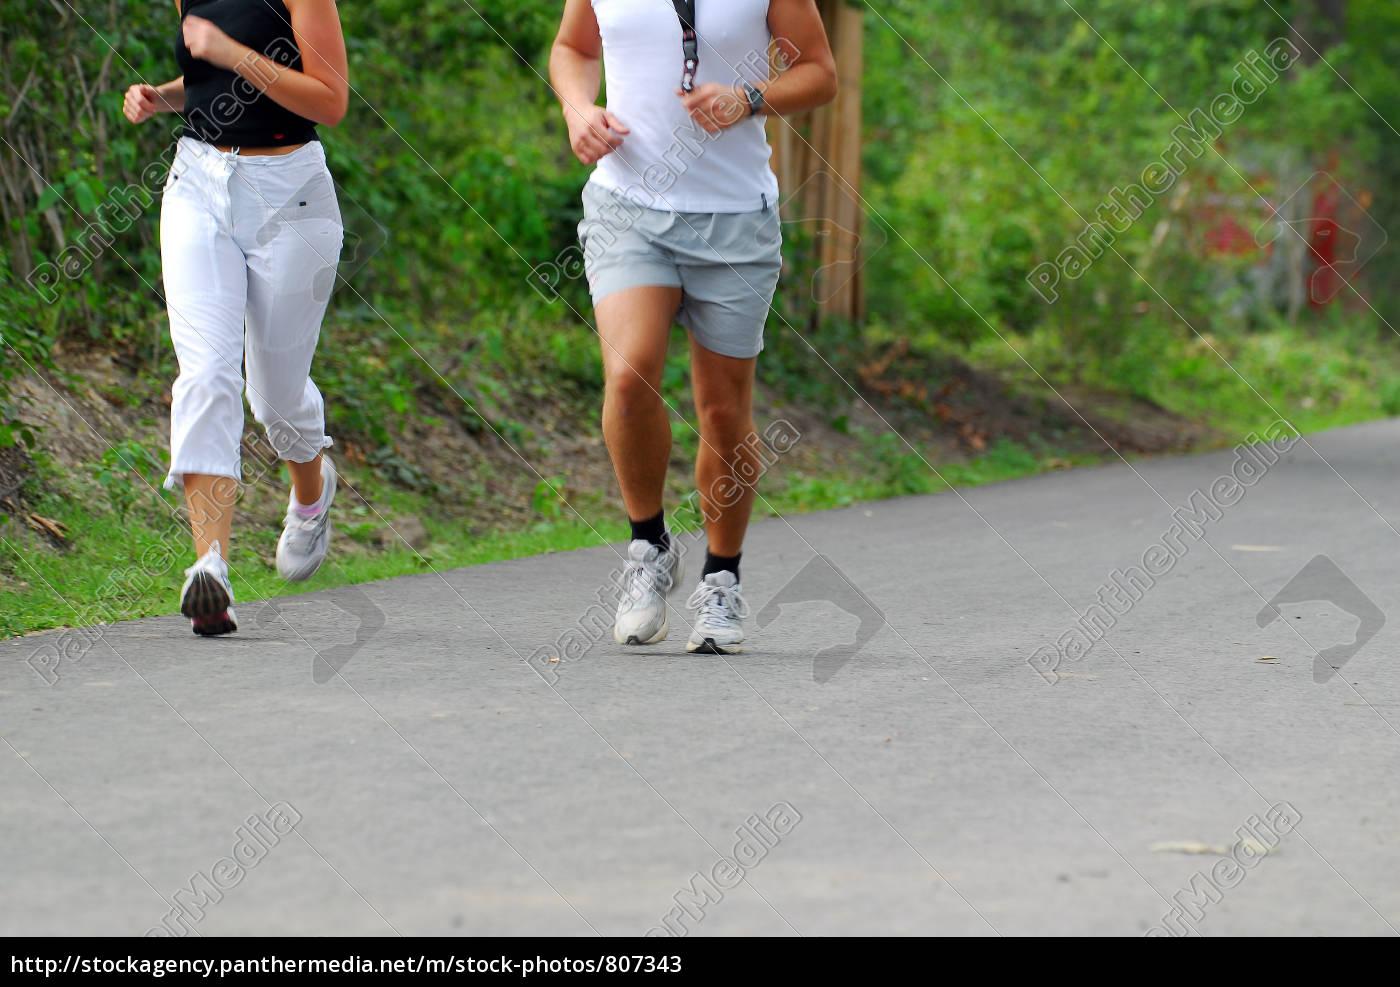 runner - 807343